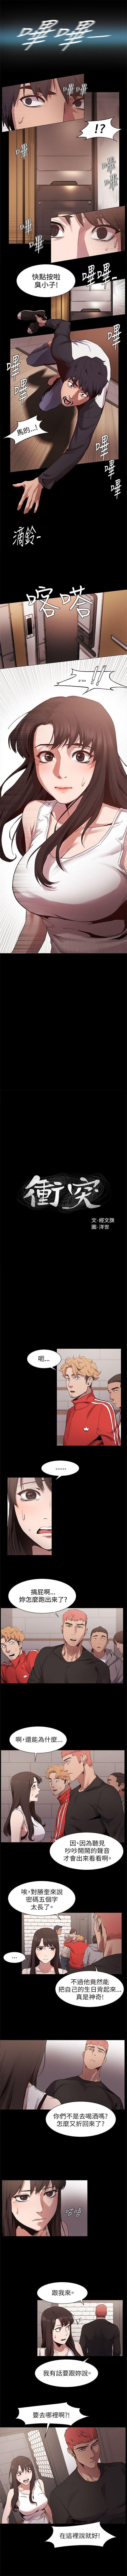 (週5)衝突 1-91 中文翻譯 (更新中) 33